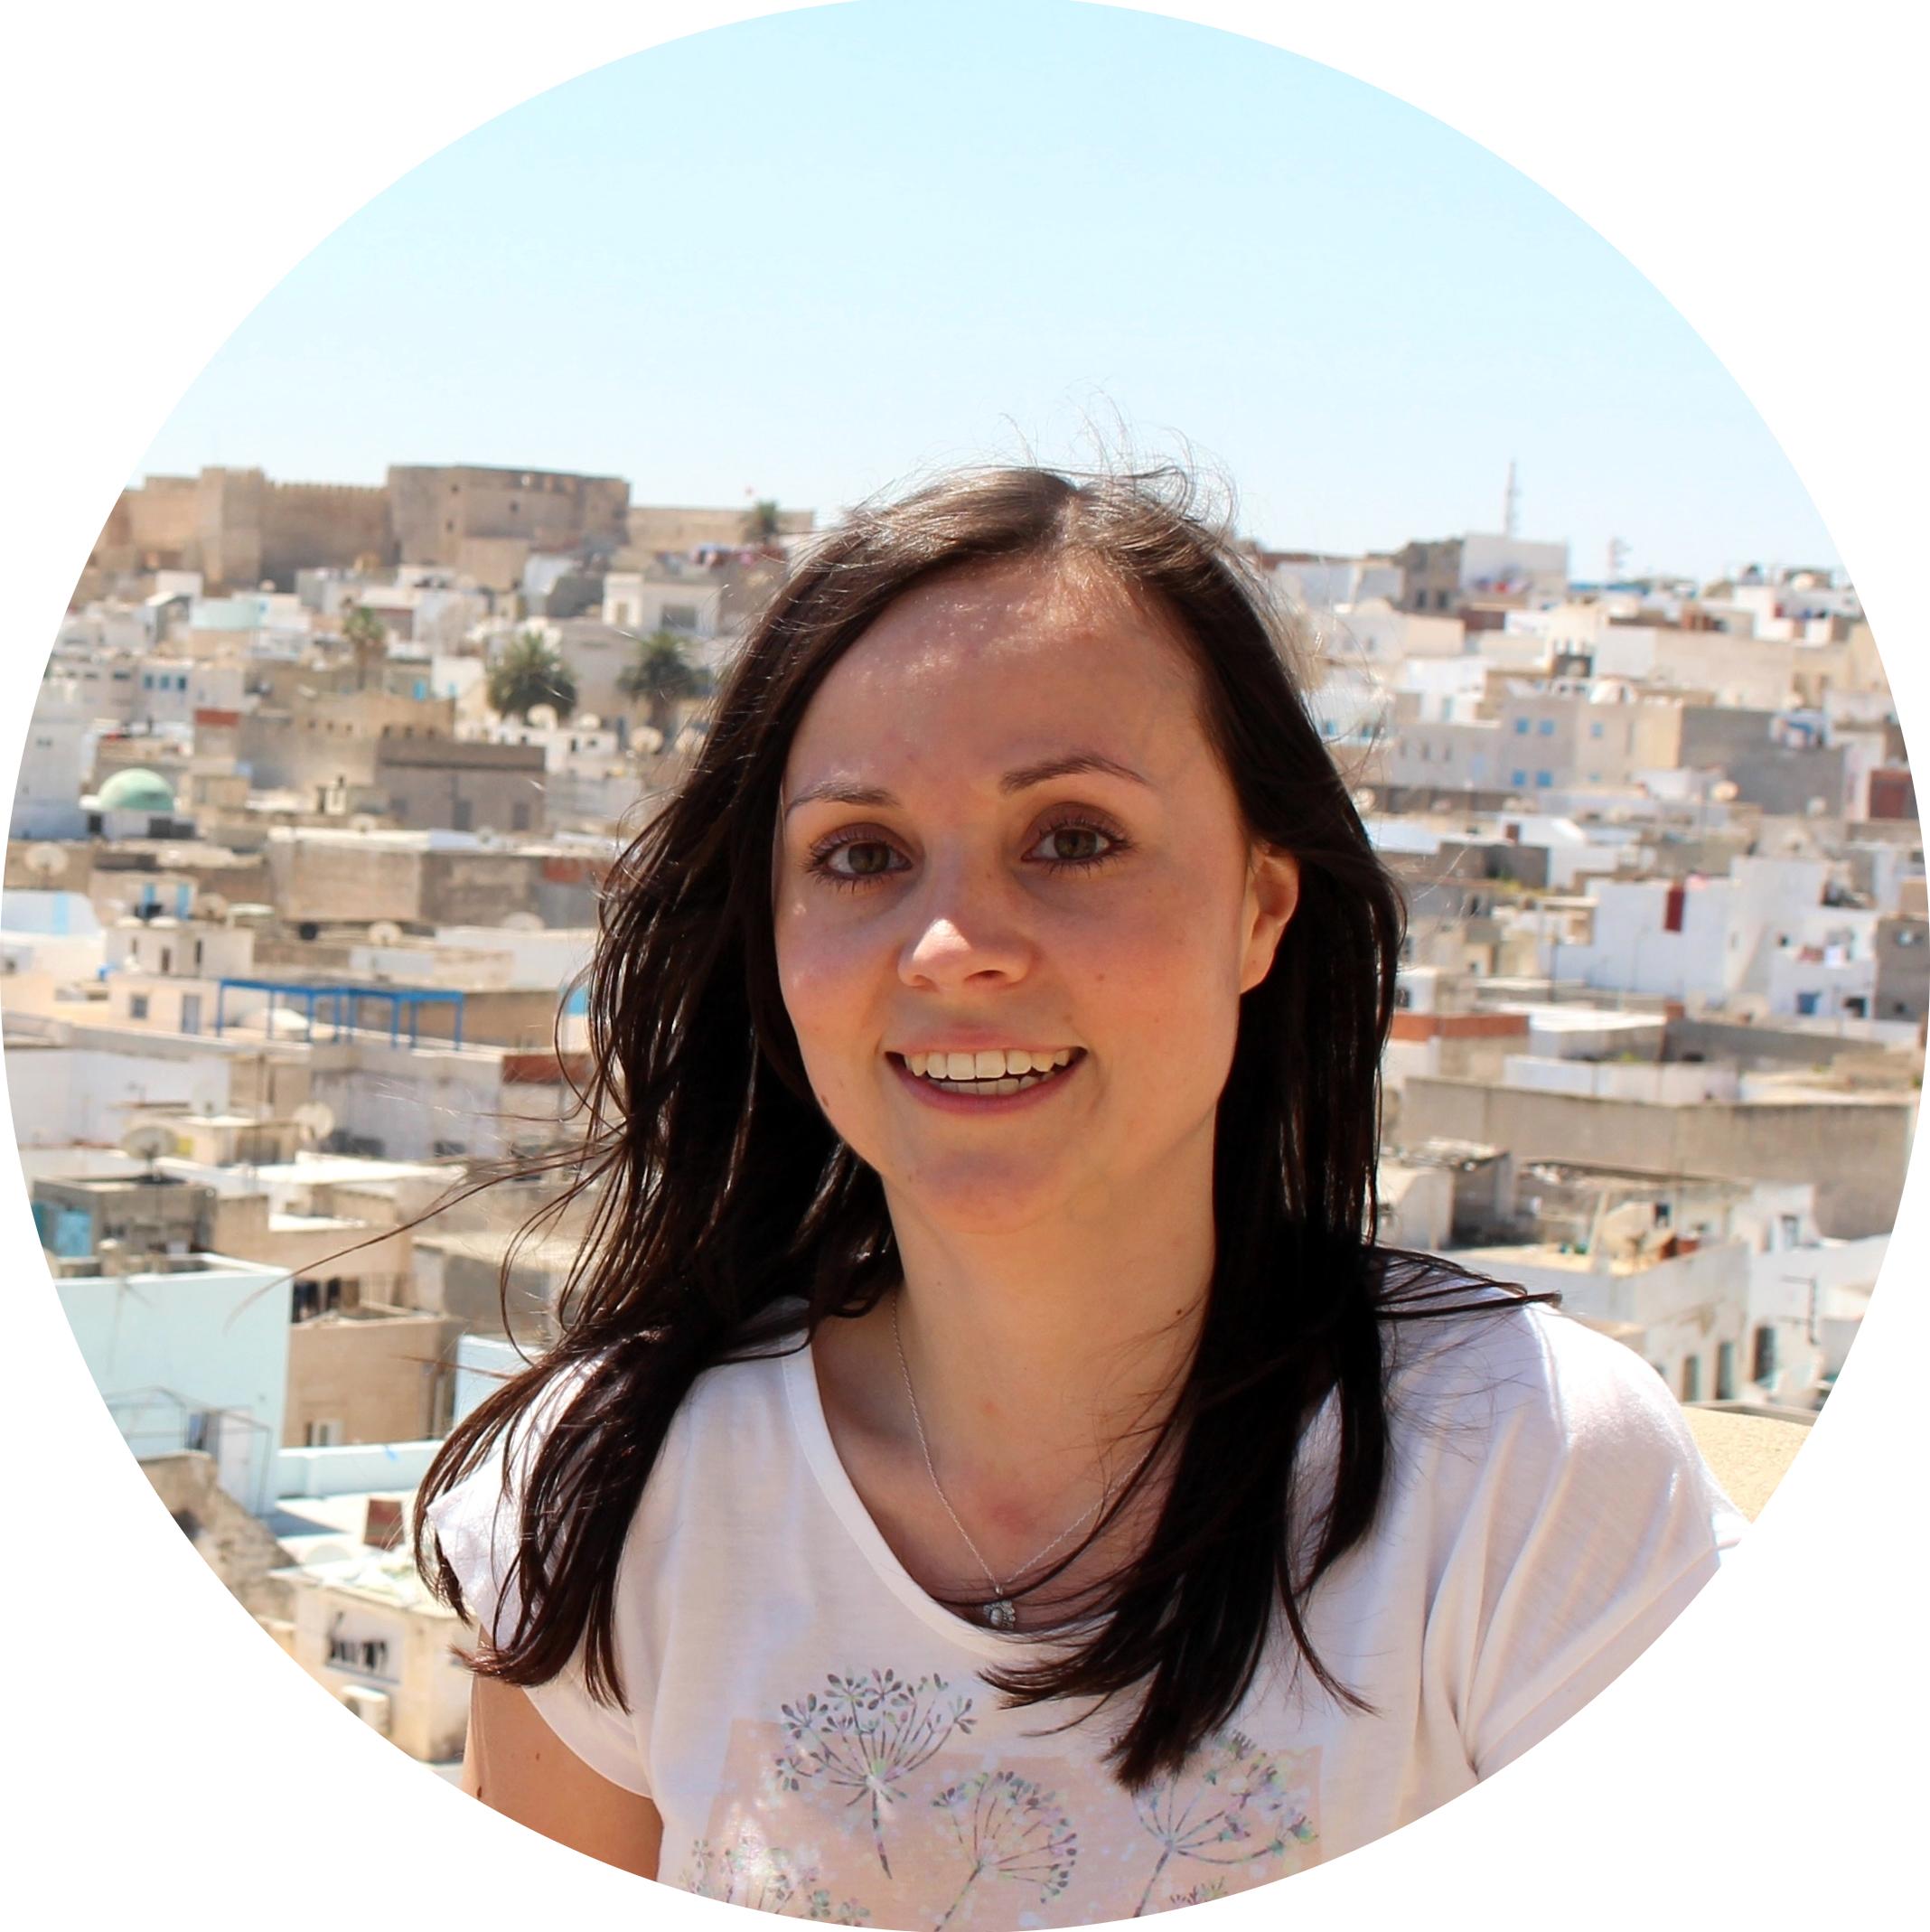 Profilfoto Johanna Scholz